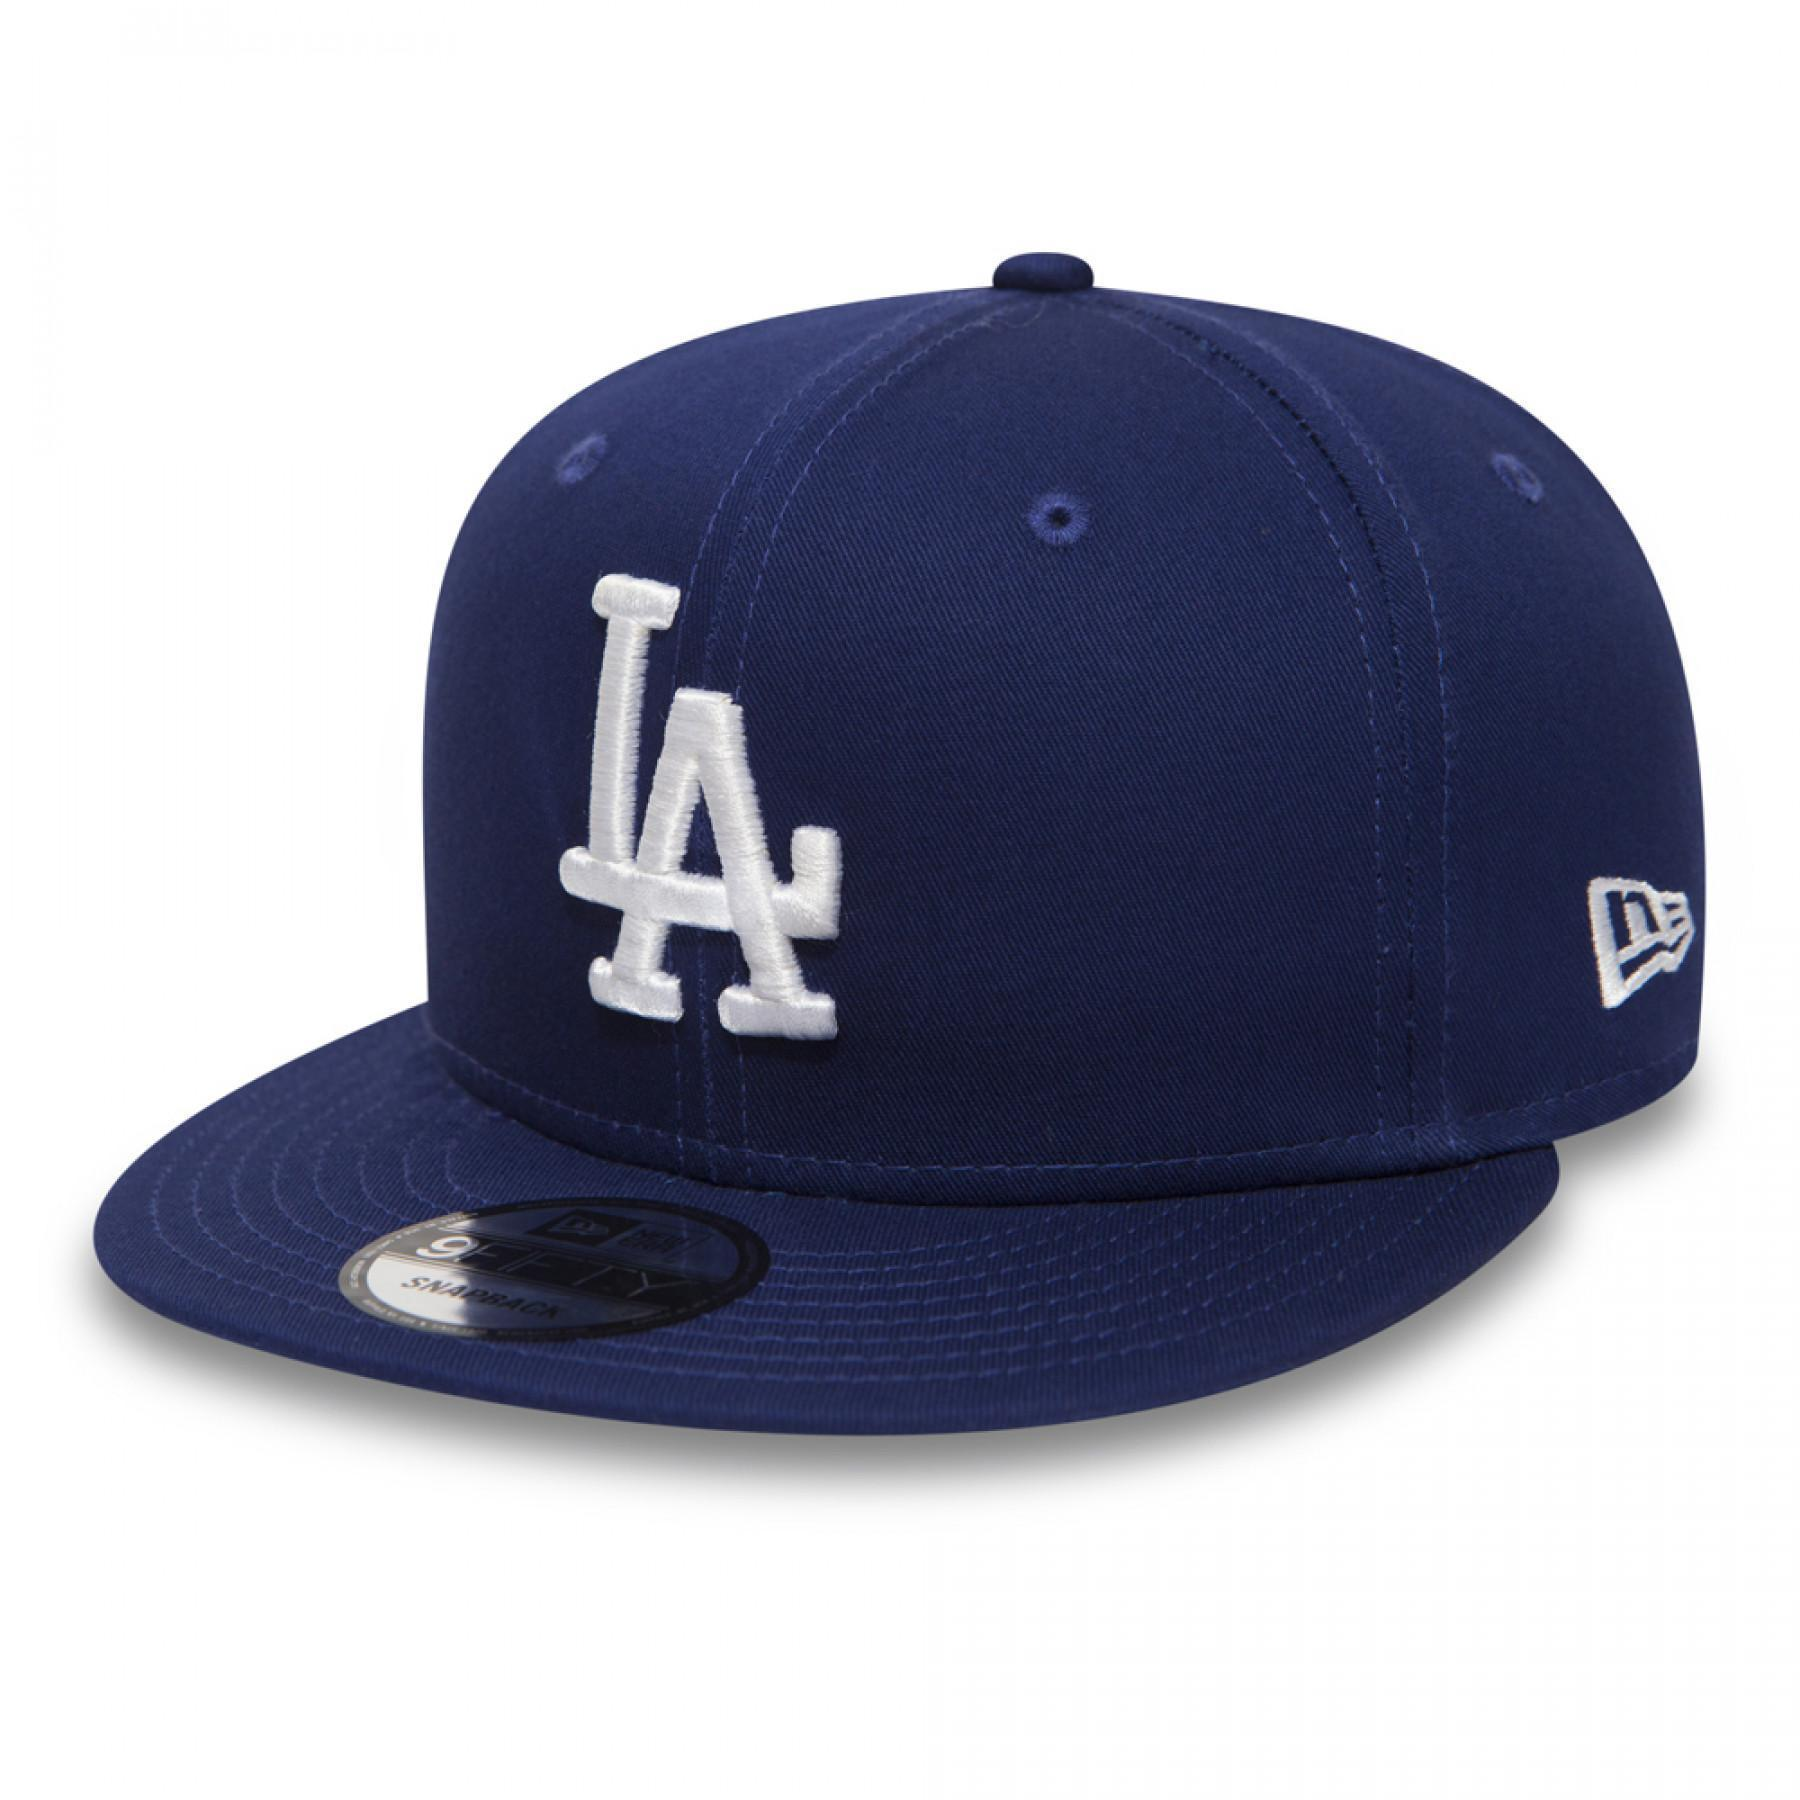 Cap New Era 9fifty Mlb Team Los Angeles Dodgers